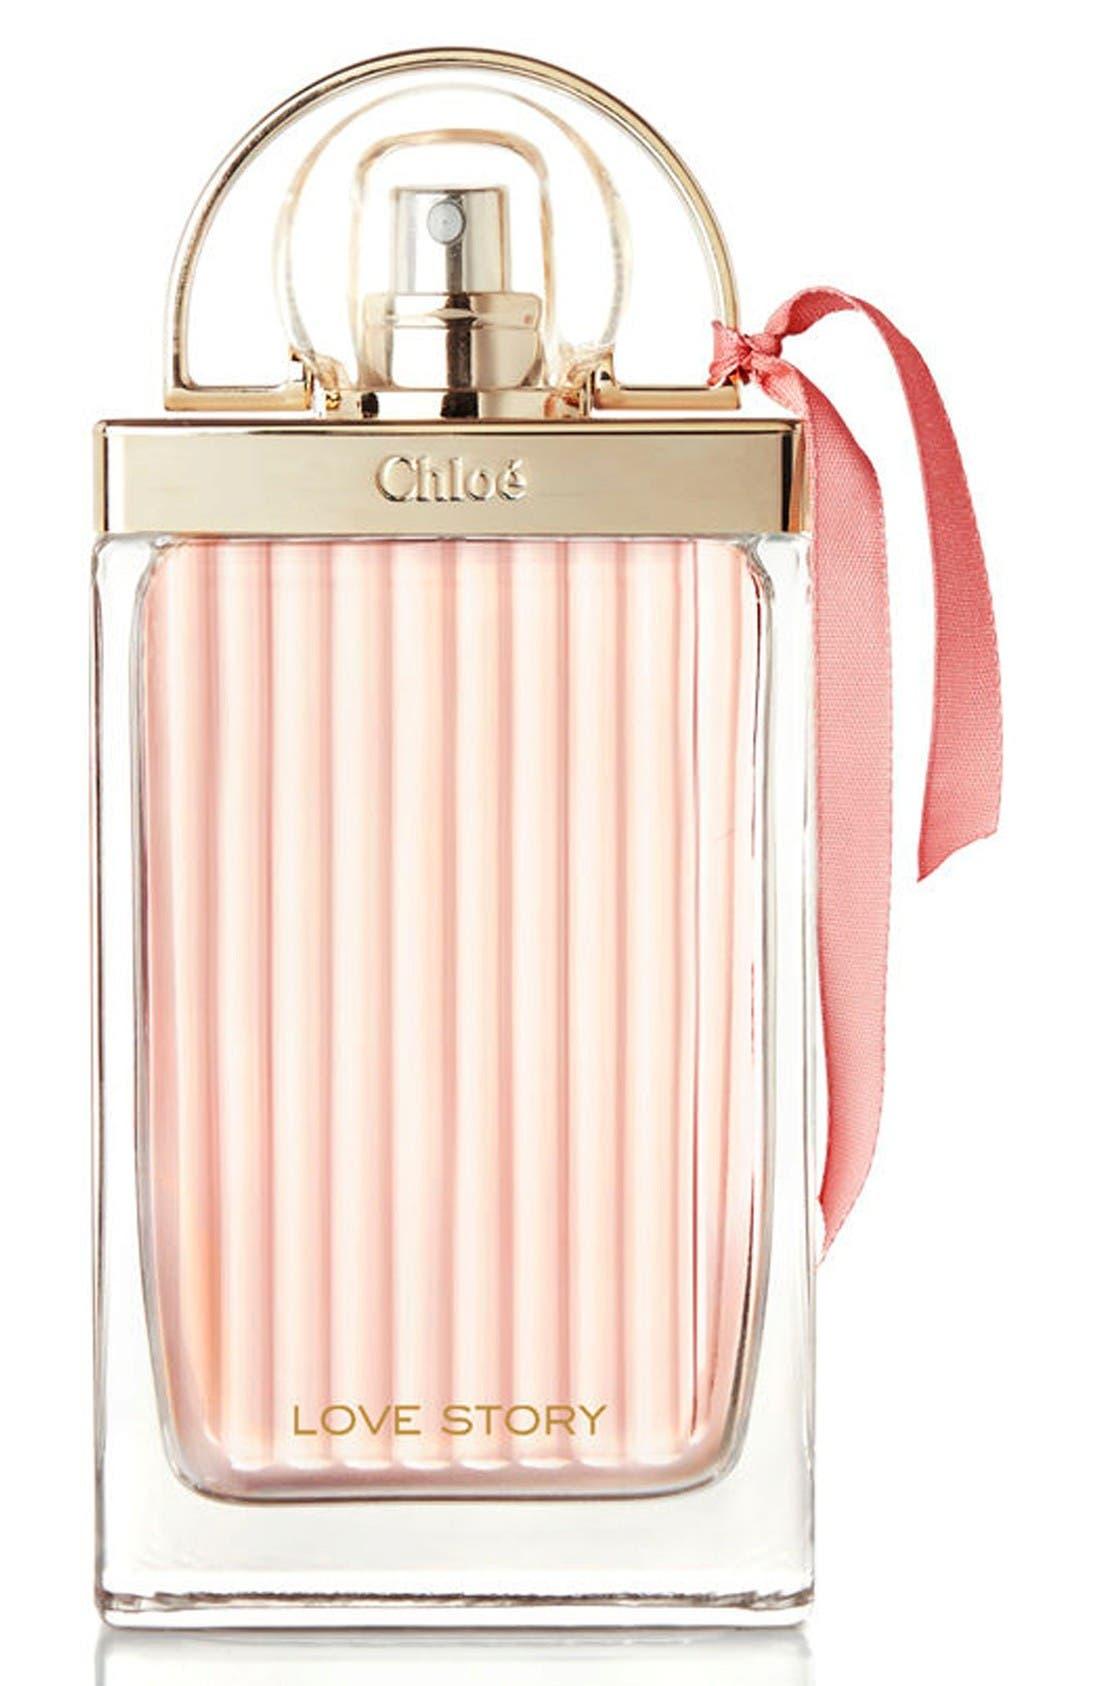 Chloé Love Story Eau Sensualle Eau de Parfum (2.5 oz.)